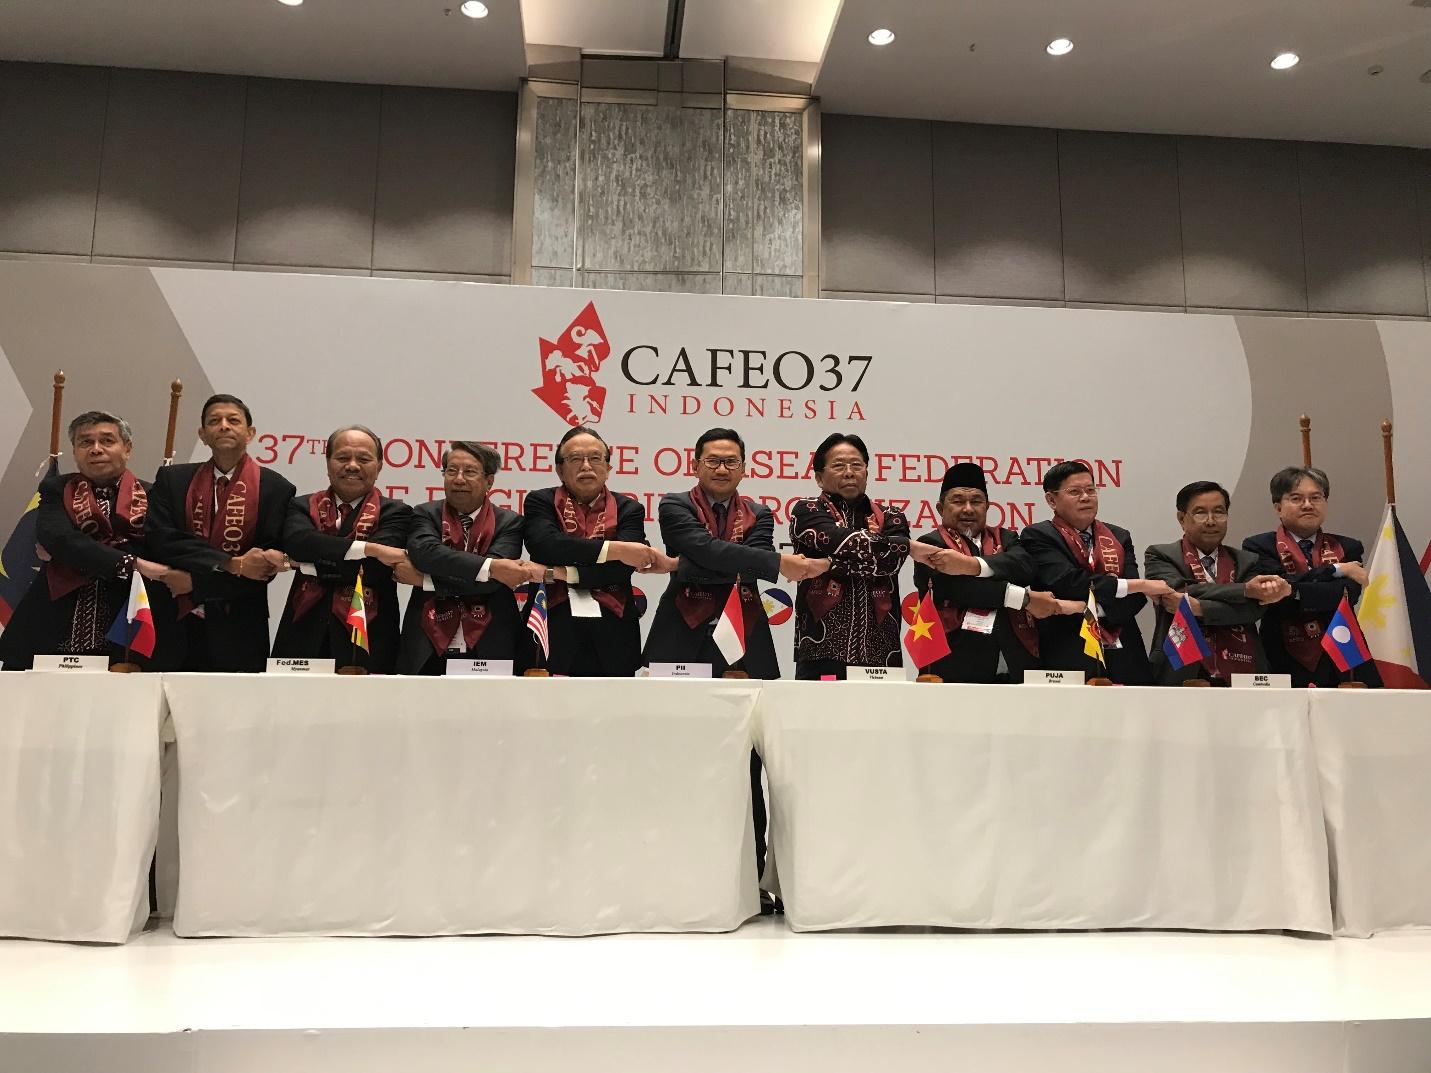 Vusta nhận cờ AFEO, chính thức đảm nhiệm vai trò Chủ tịch Liên đoàn Kỹ sư ASEAN năm 2010